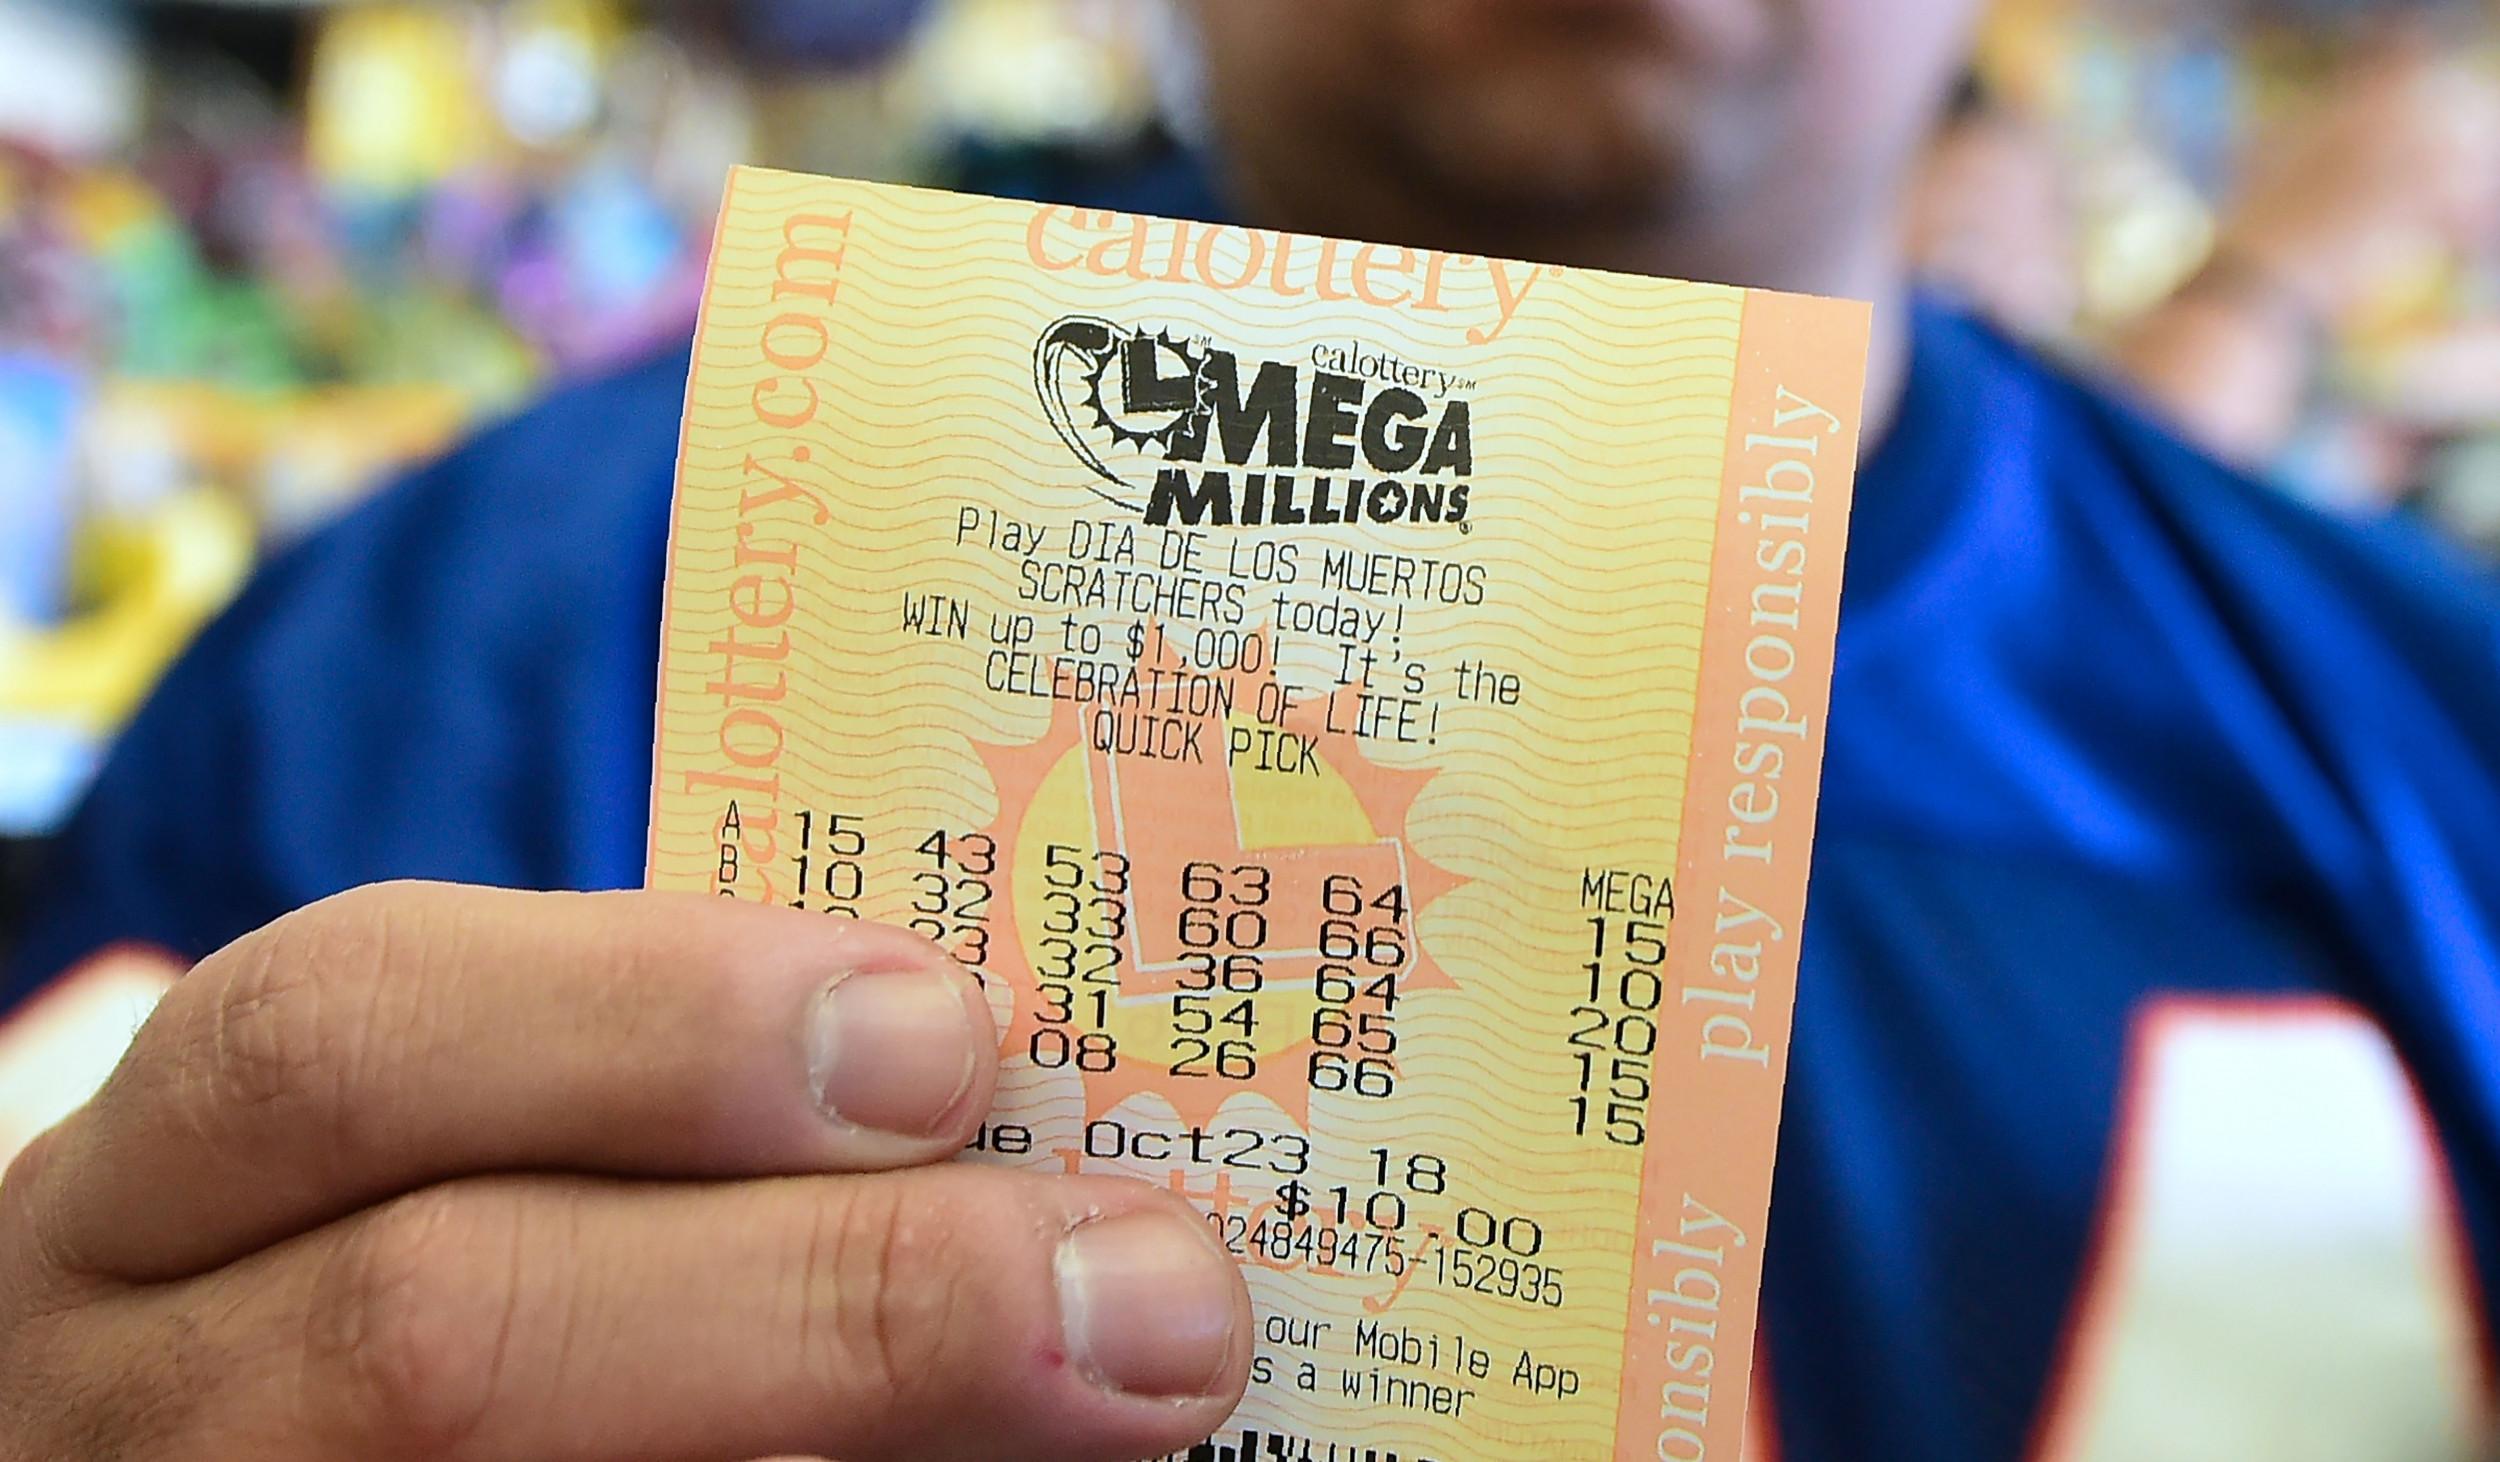 Casino 888 no deposit bonus